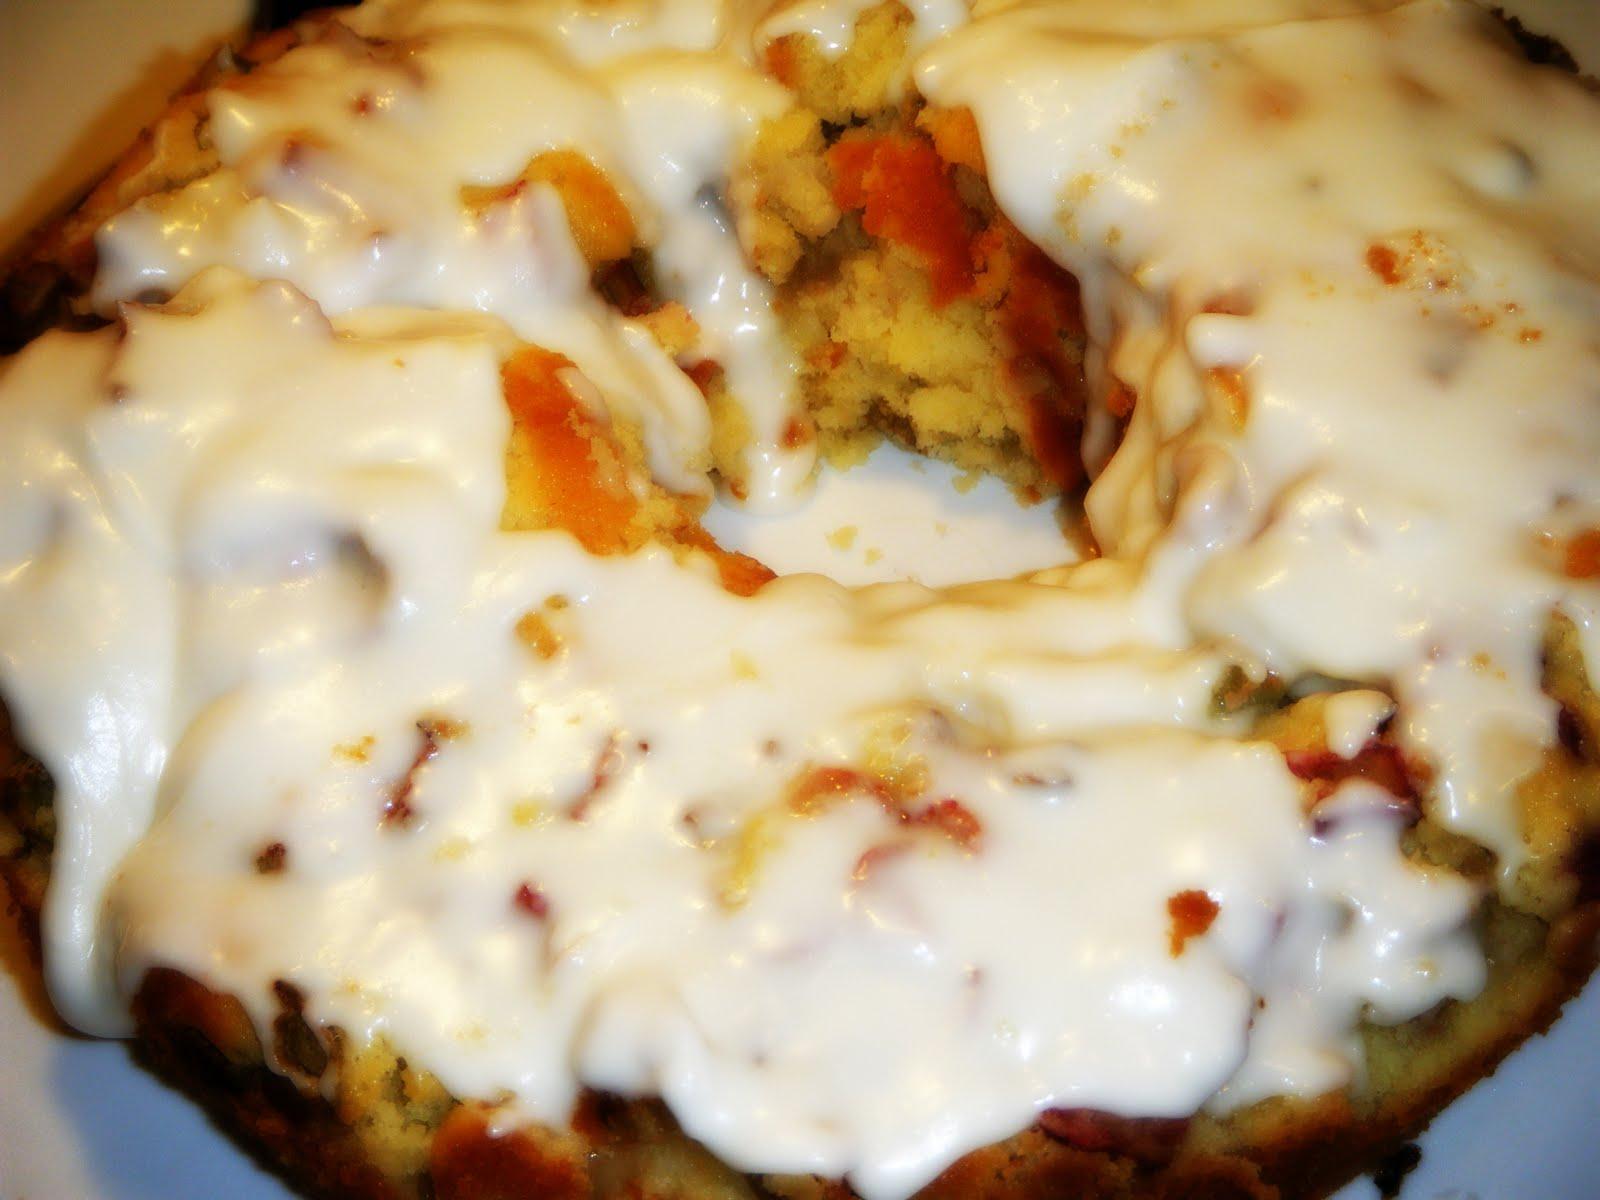 Lemon Buttermilk Rhubarb Bundt Cake Recipe